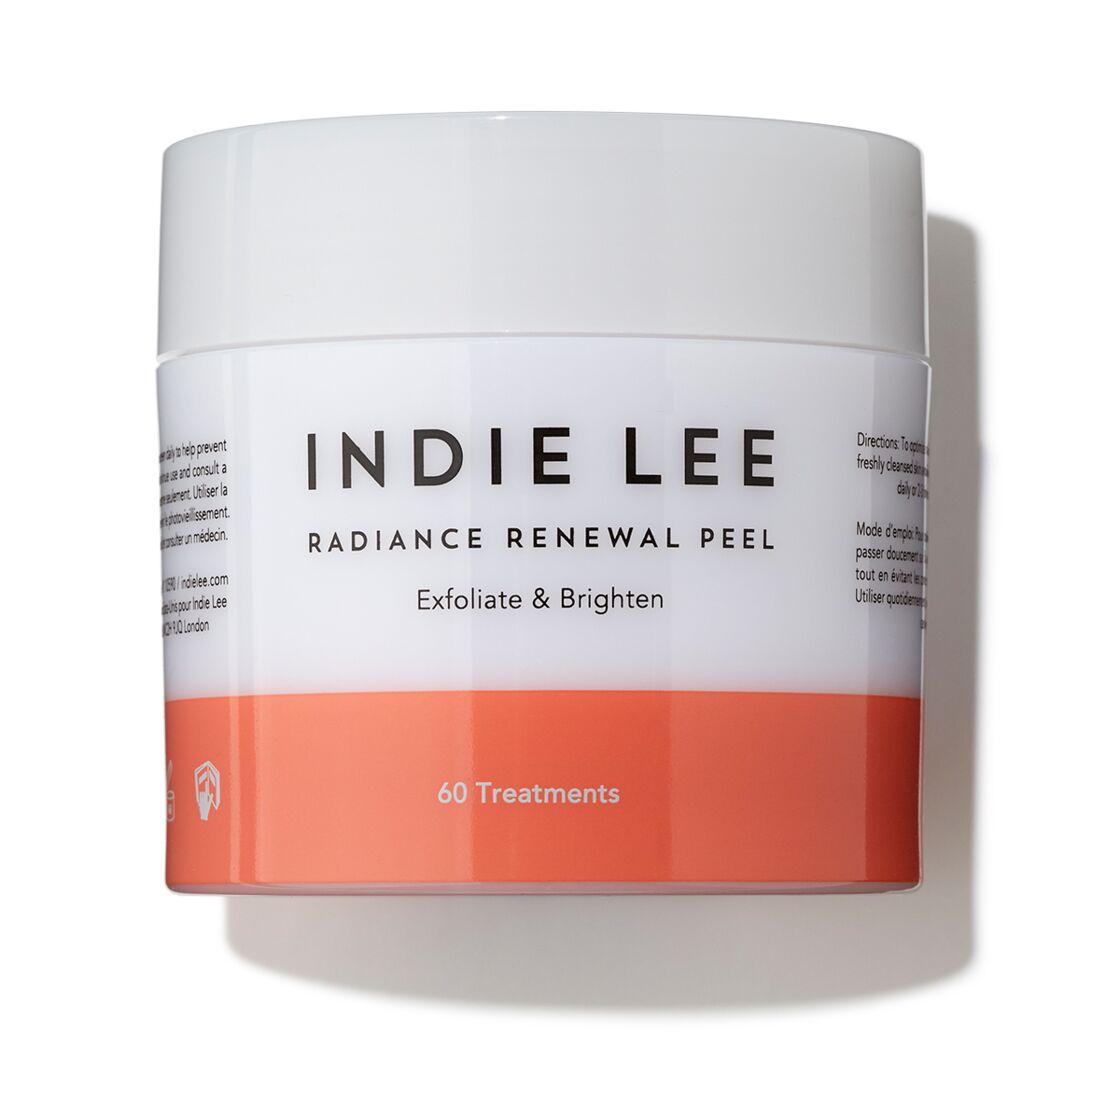 des compresses exfoliantes pour un max d'éclat, Les Radiance Renewal Pads, Indie Lee, 74 €, ohmycream.com